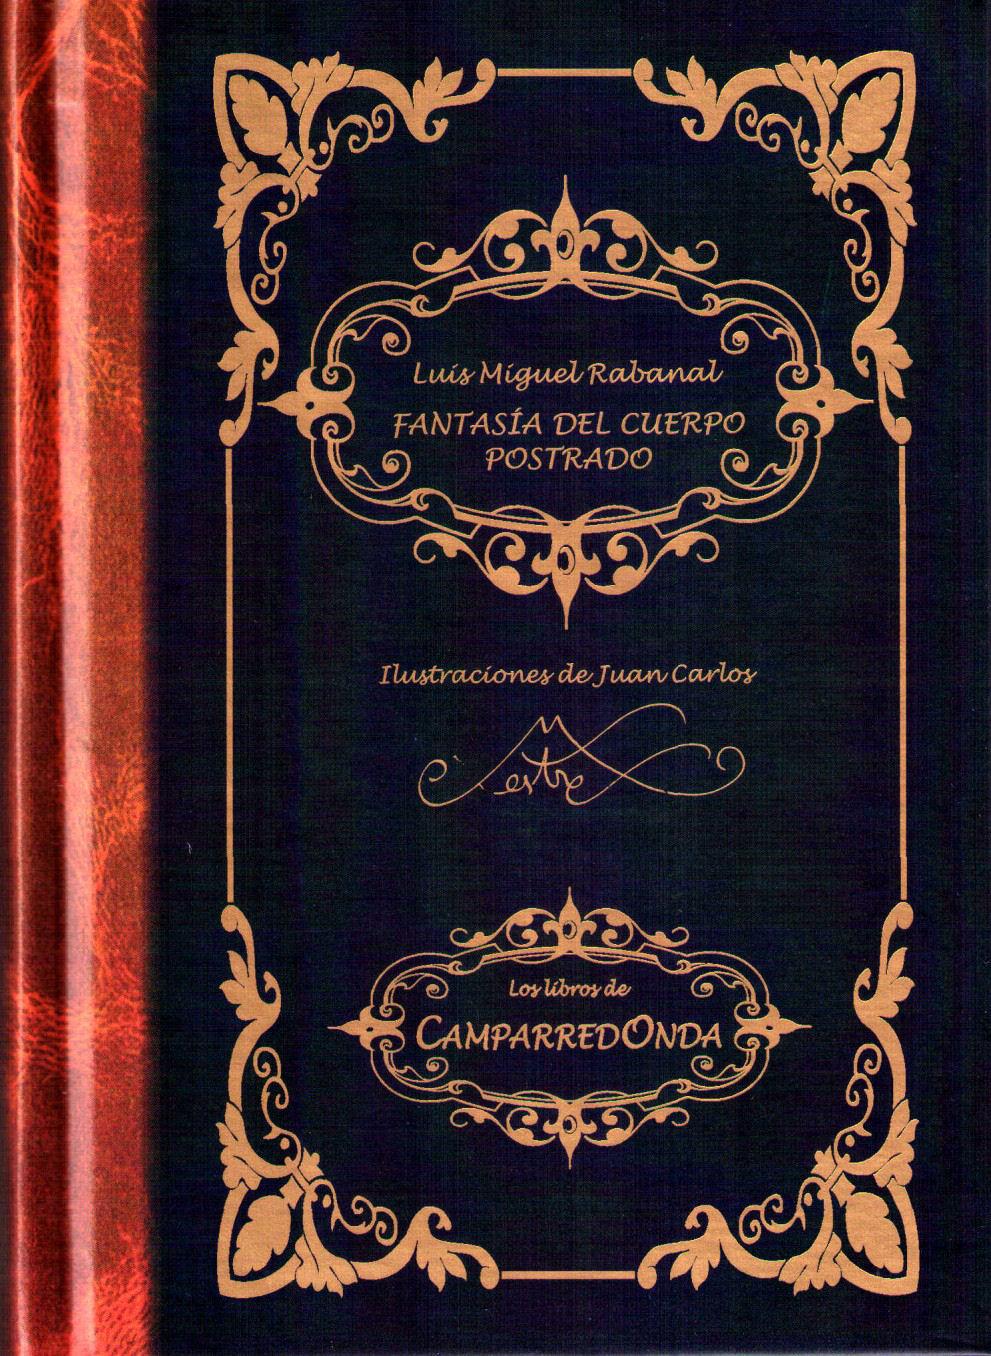 Libros de colegas david murders - Como hacer un libro antiguo ...